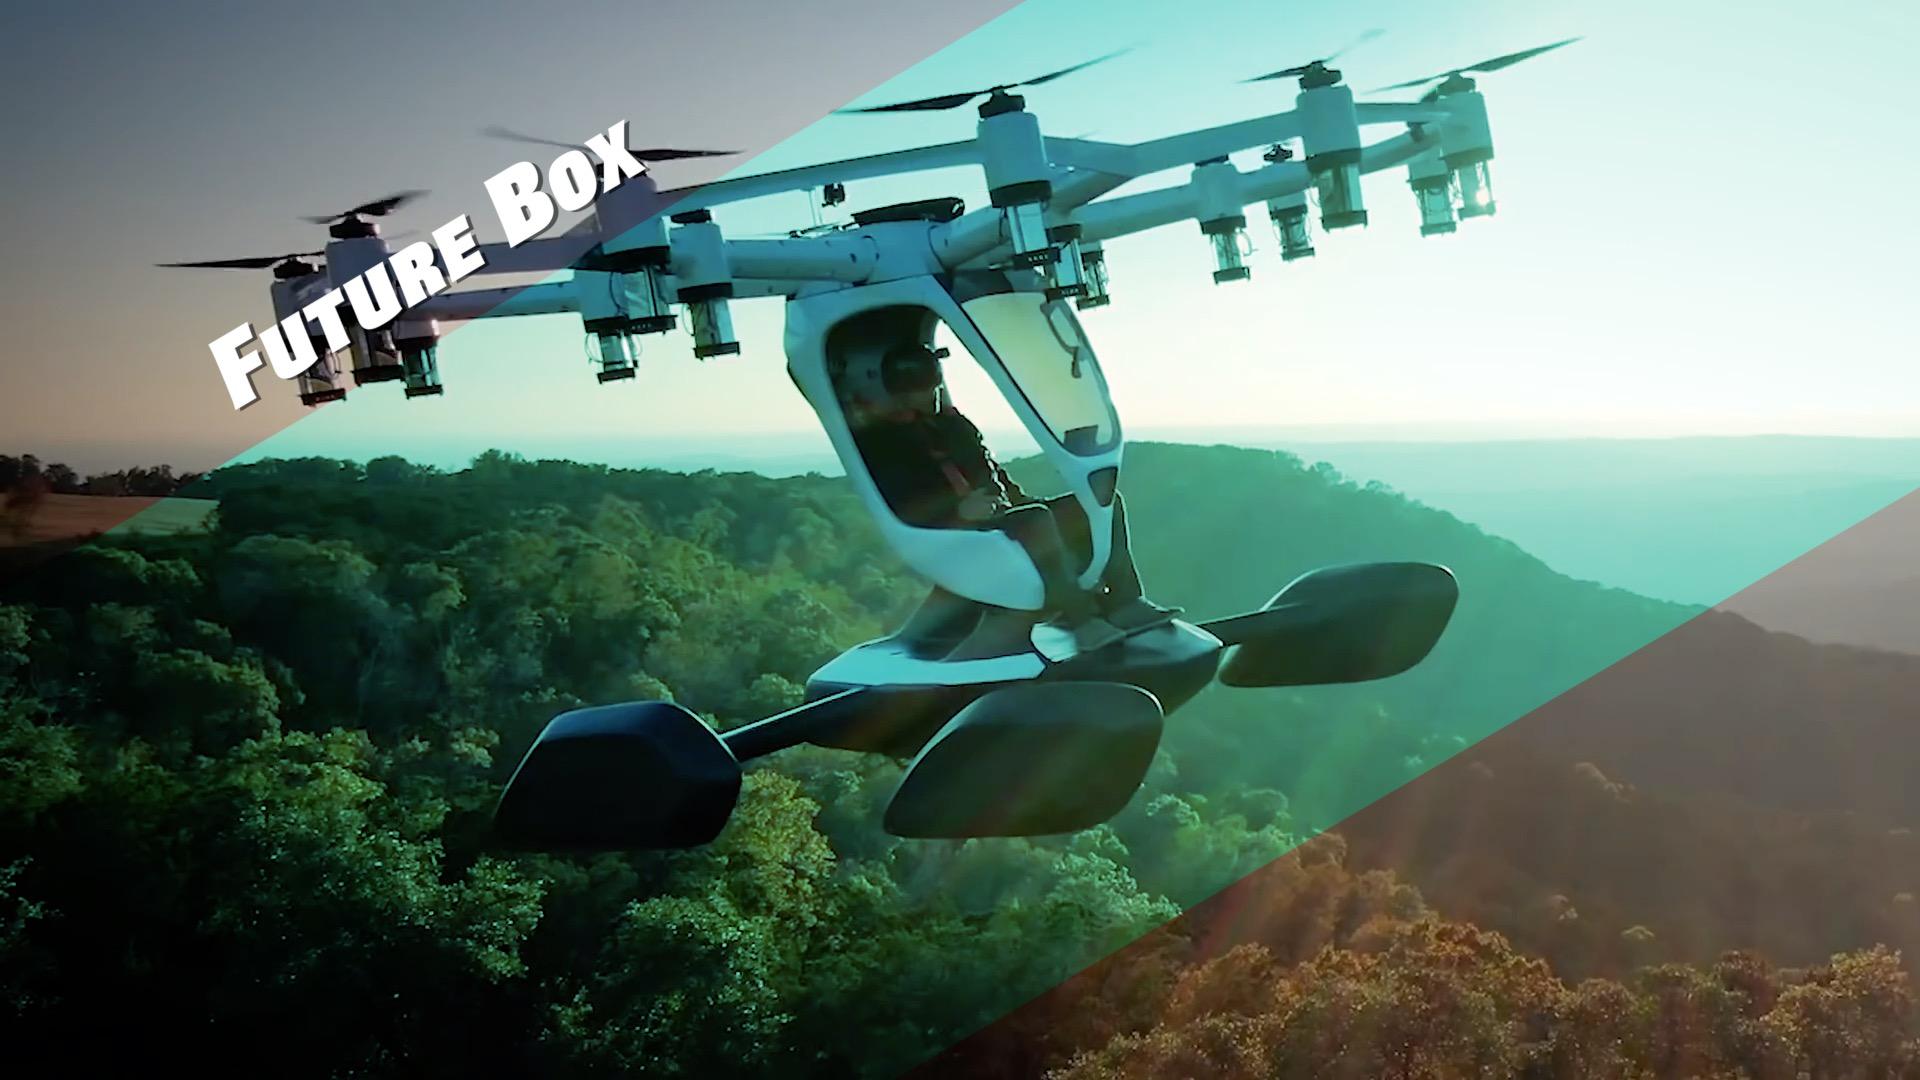 【钛媒体视频 Future Box】坐无人机上天?就是这15分钟续航太短了